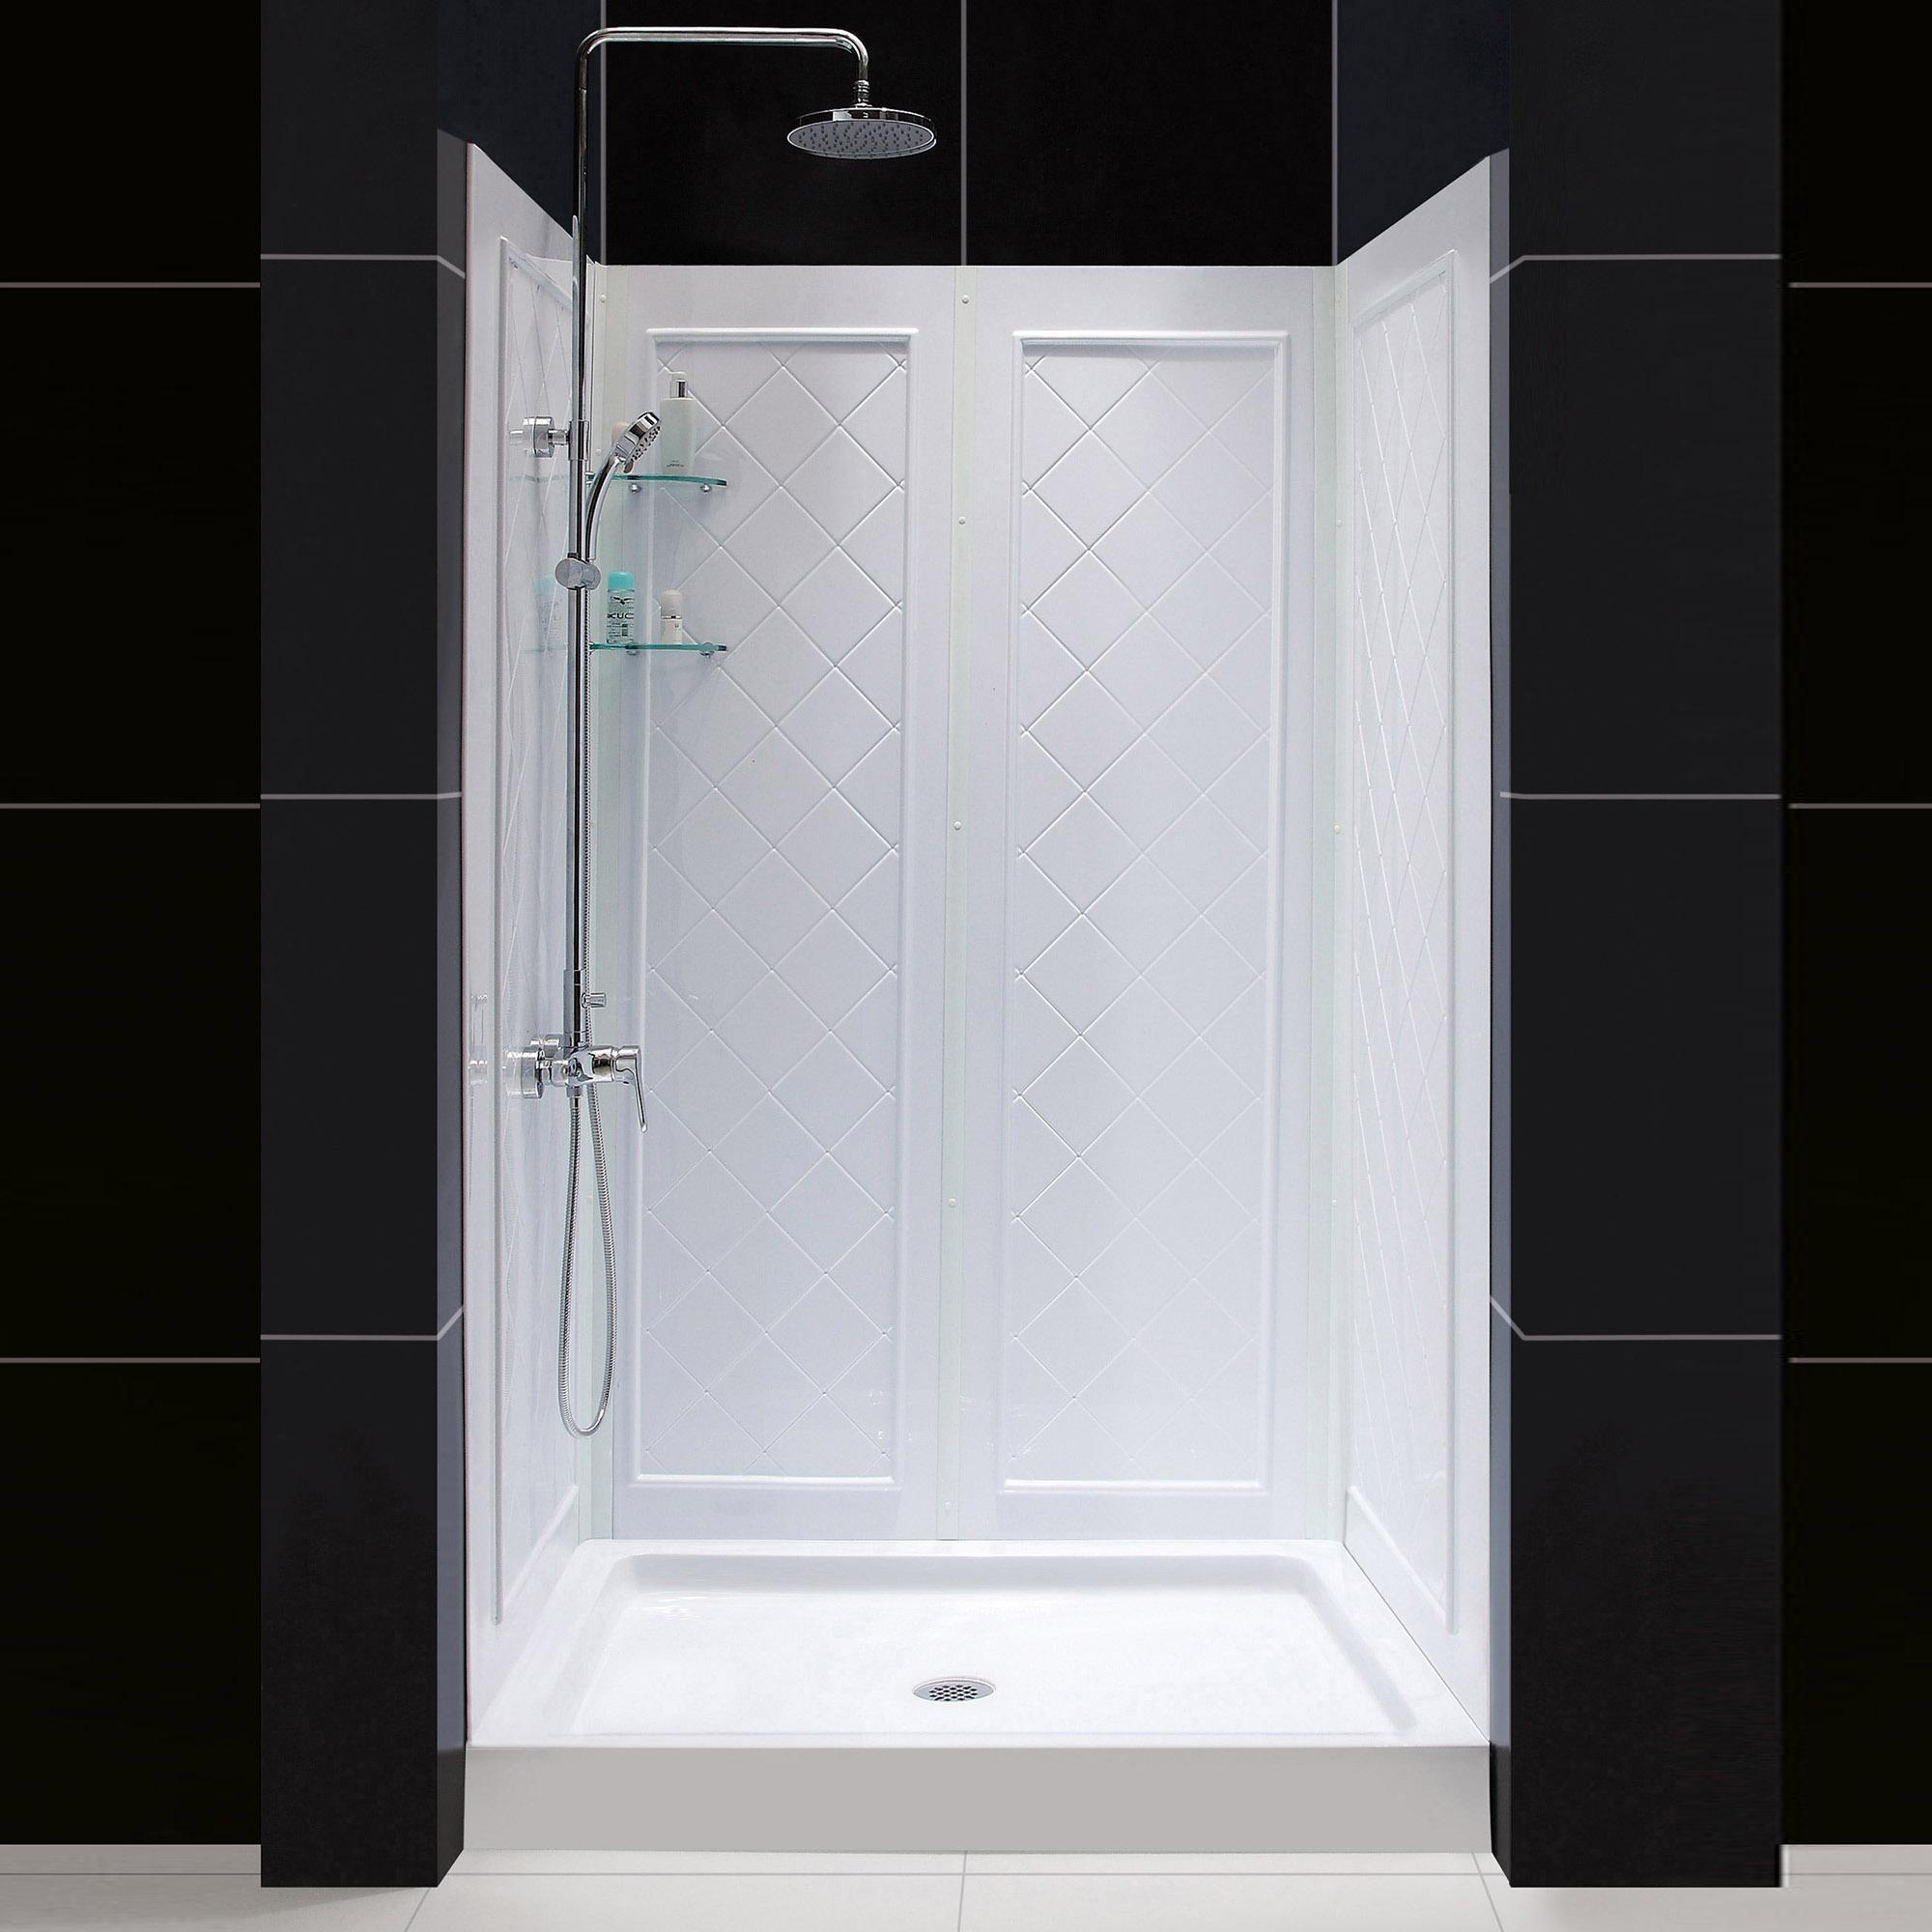 36 X 48 Shower Base.Details About Dreamline Dl 6193c 01 Slimline 36 X 48 Shower Base And Qwall 5 Backwall Kit